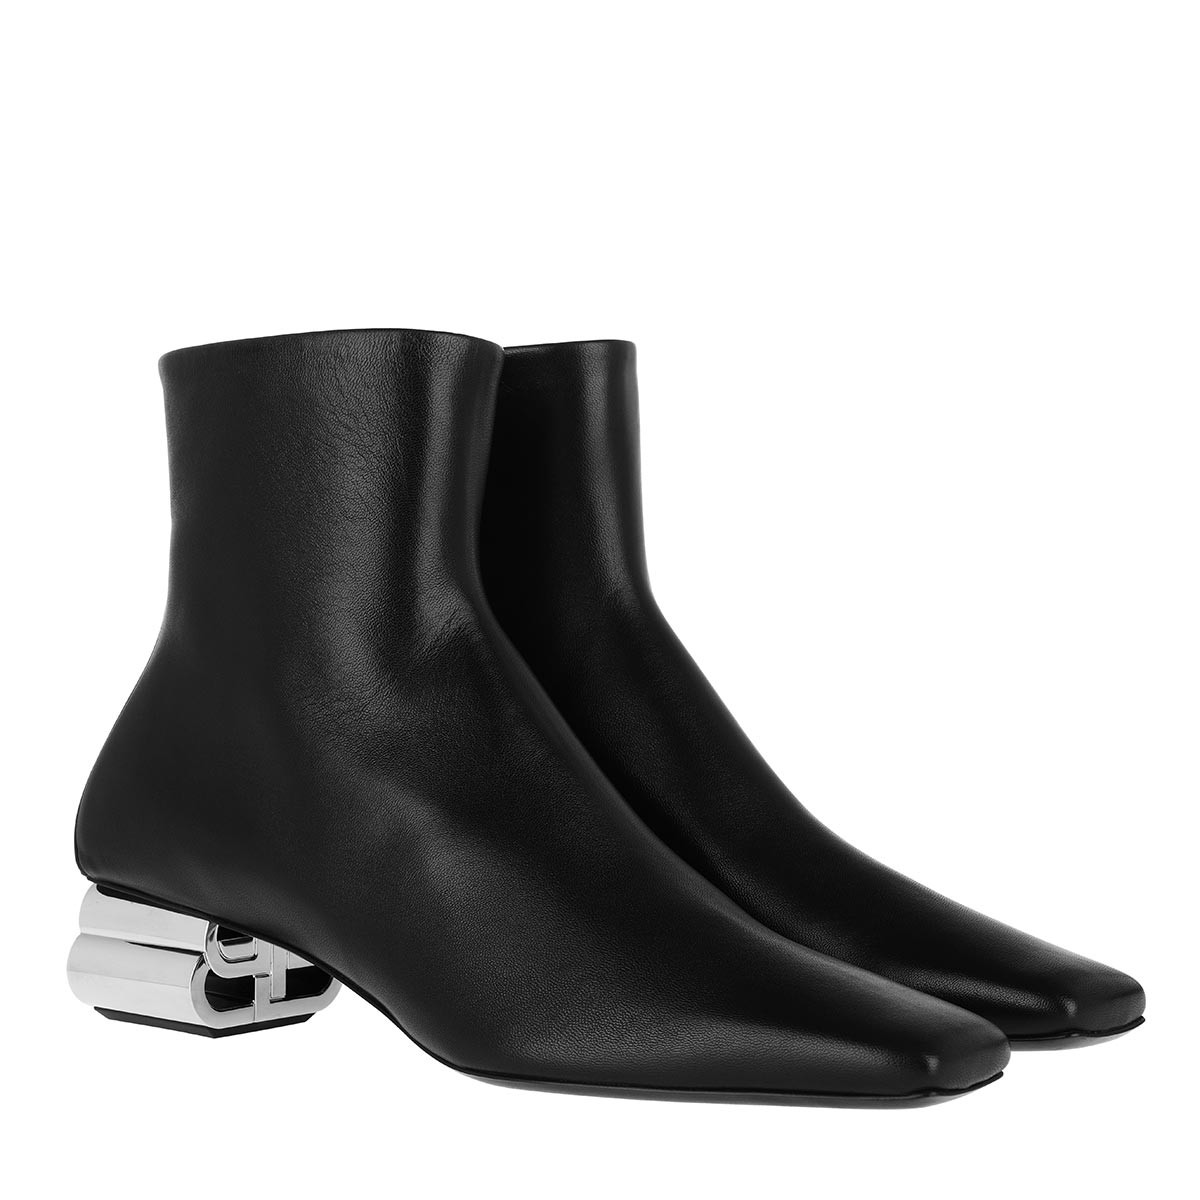 Balenciaga Boots - Ankle Boots Leather Black/Silver - in schwarz - für Damen